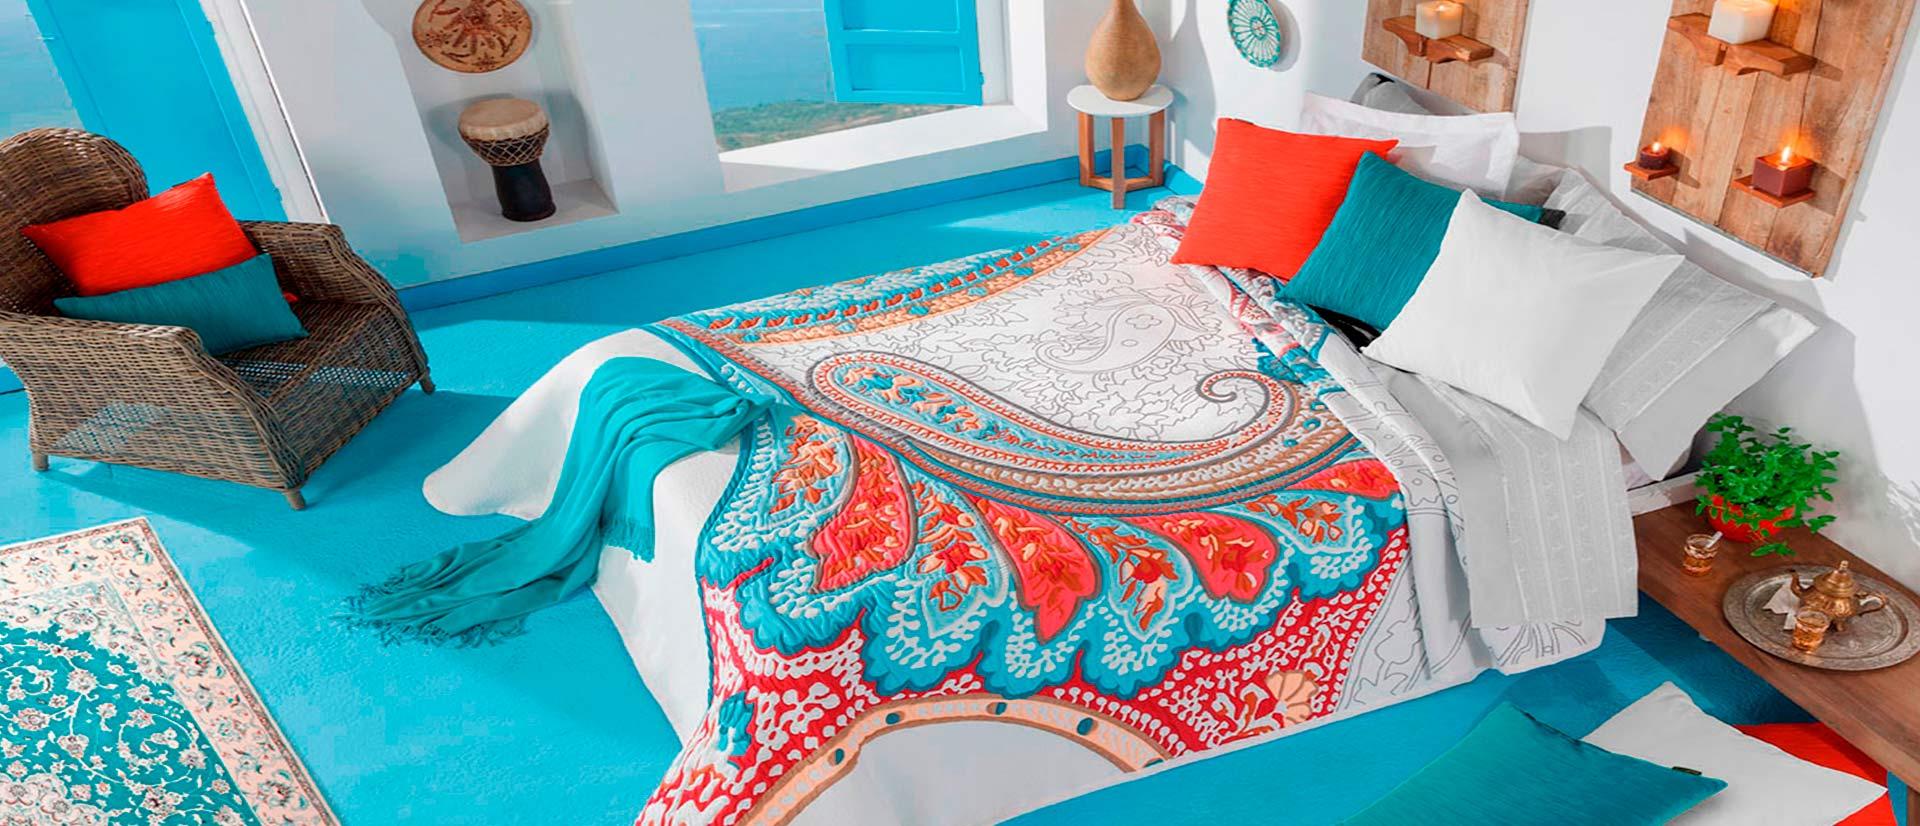 ropa de cama en tonos mediterraneos